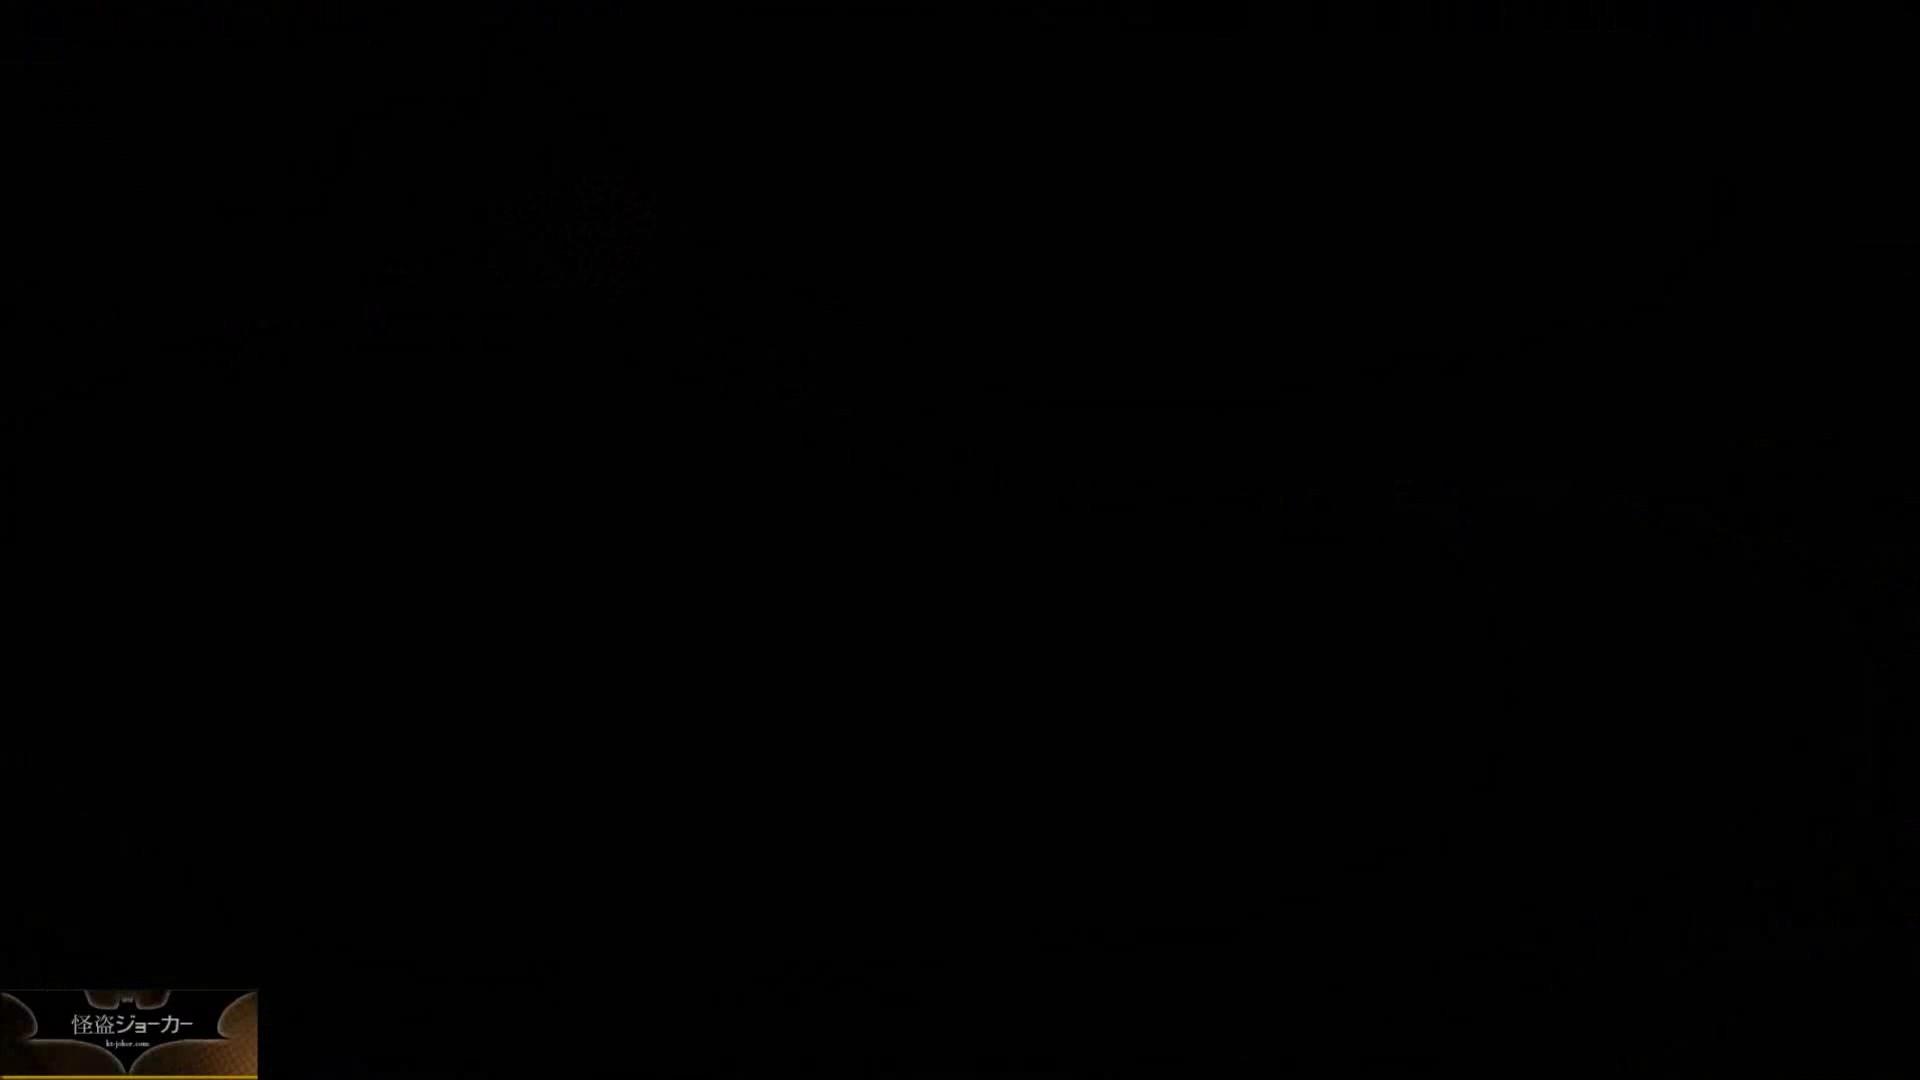 【未公開】vol.72 {西野カナ似の美系大学生}Y・Iちゃん③ いじくり  98Pix 96